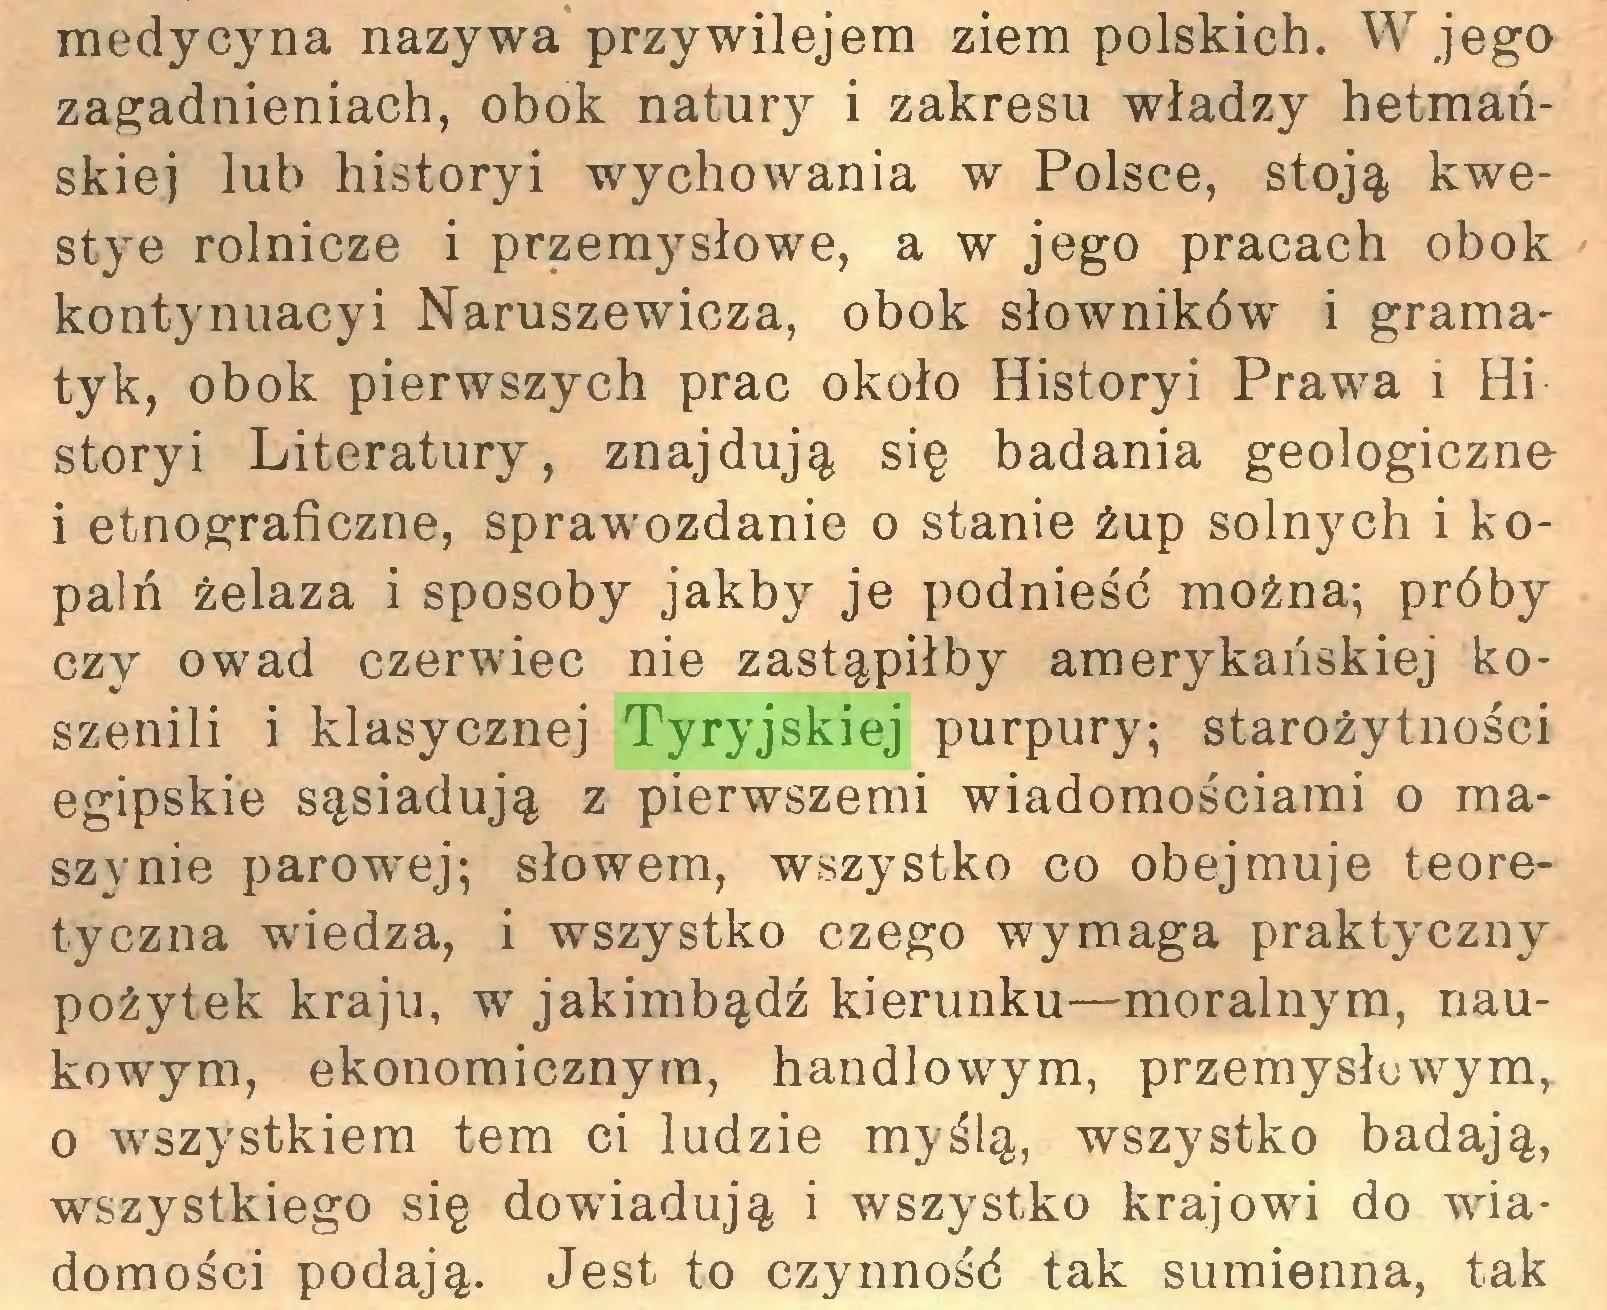 (...) medycyna nazywa przywilejem ziem polskich. W jego zagadnieniach, obok natury i zakresu władzy hetmańskiej lub historyi wychowania w Polsce, stoją kwestye rolnicze i przemysłowe, a w jego pracach obok kontynuacyi Naruszewicza, obok słowników i gramatyk, obok pierwszych prac około Historyi Prawa i Hi storyi Literatury, znajdują się badania geologiczne i etnograficzne, sprawozdanie o stanie żup solnych i kopalń żelaza i sposoby jakby je podnieść można; próby czy owad czerwiec nie zastąpiłby amerykańskiej koszenili i klasycznej Tyryjskiej purpury; starożytności egipskie sąsiadują z pierwszemi wiadomościami o maszynie parowej; słowem, wszystko co obejmuje teoretyczna wiedza, i wszystko czego wymaga praktyczny pożytek kraju, w jakimbądź kierunku—moralnym, naukowym, ekonomicznym, handlowym, przemysłuwym, o wszystkiem tem ci ludzie myślą, wszystko badają, wszystkiego się dowiadują i wszystko krajowi do wiadomości podają. Jest to czynność tak sumienna, tak...